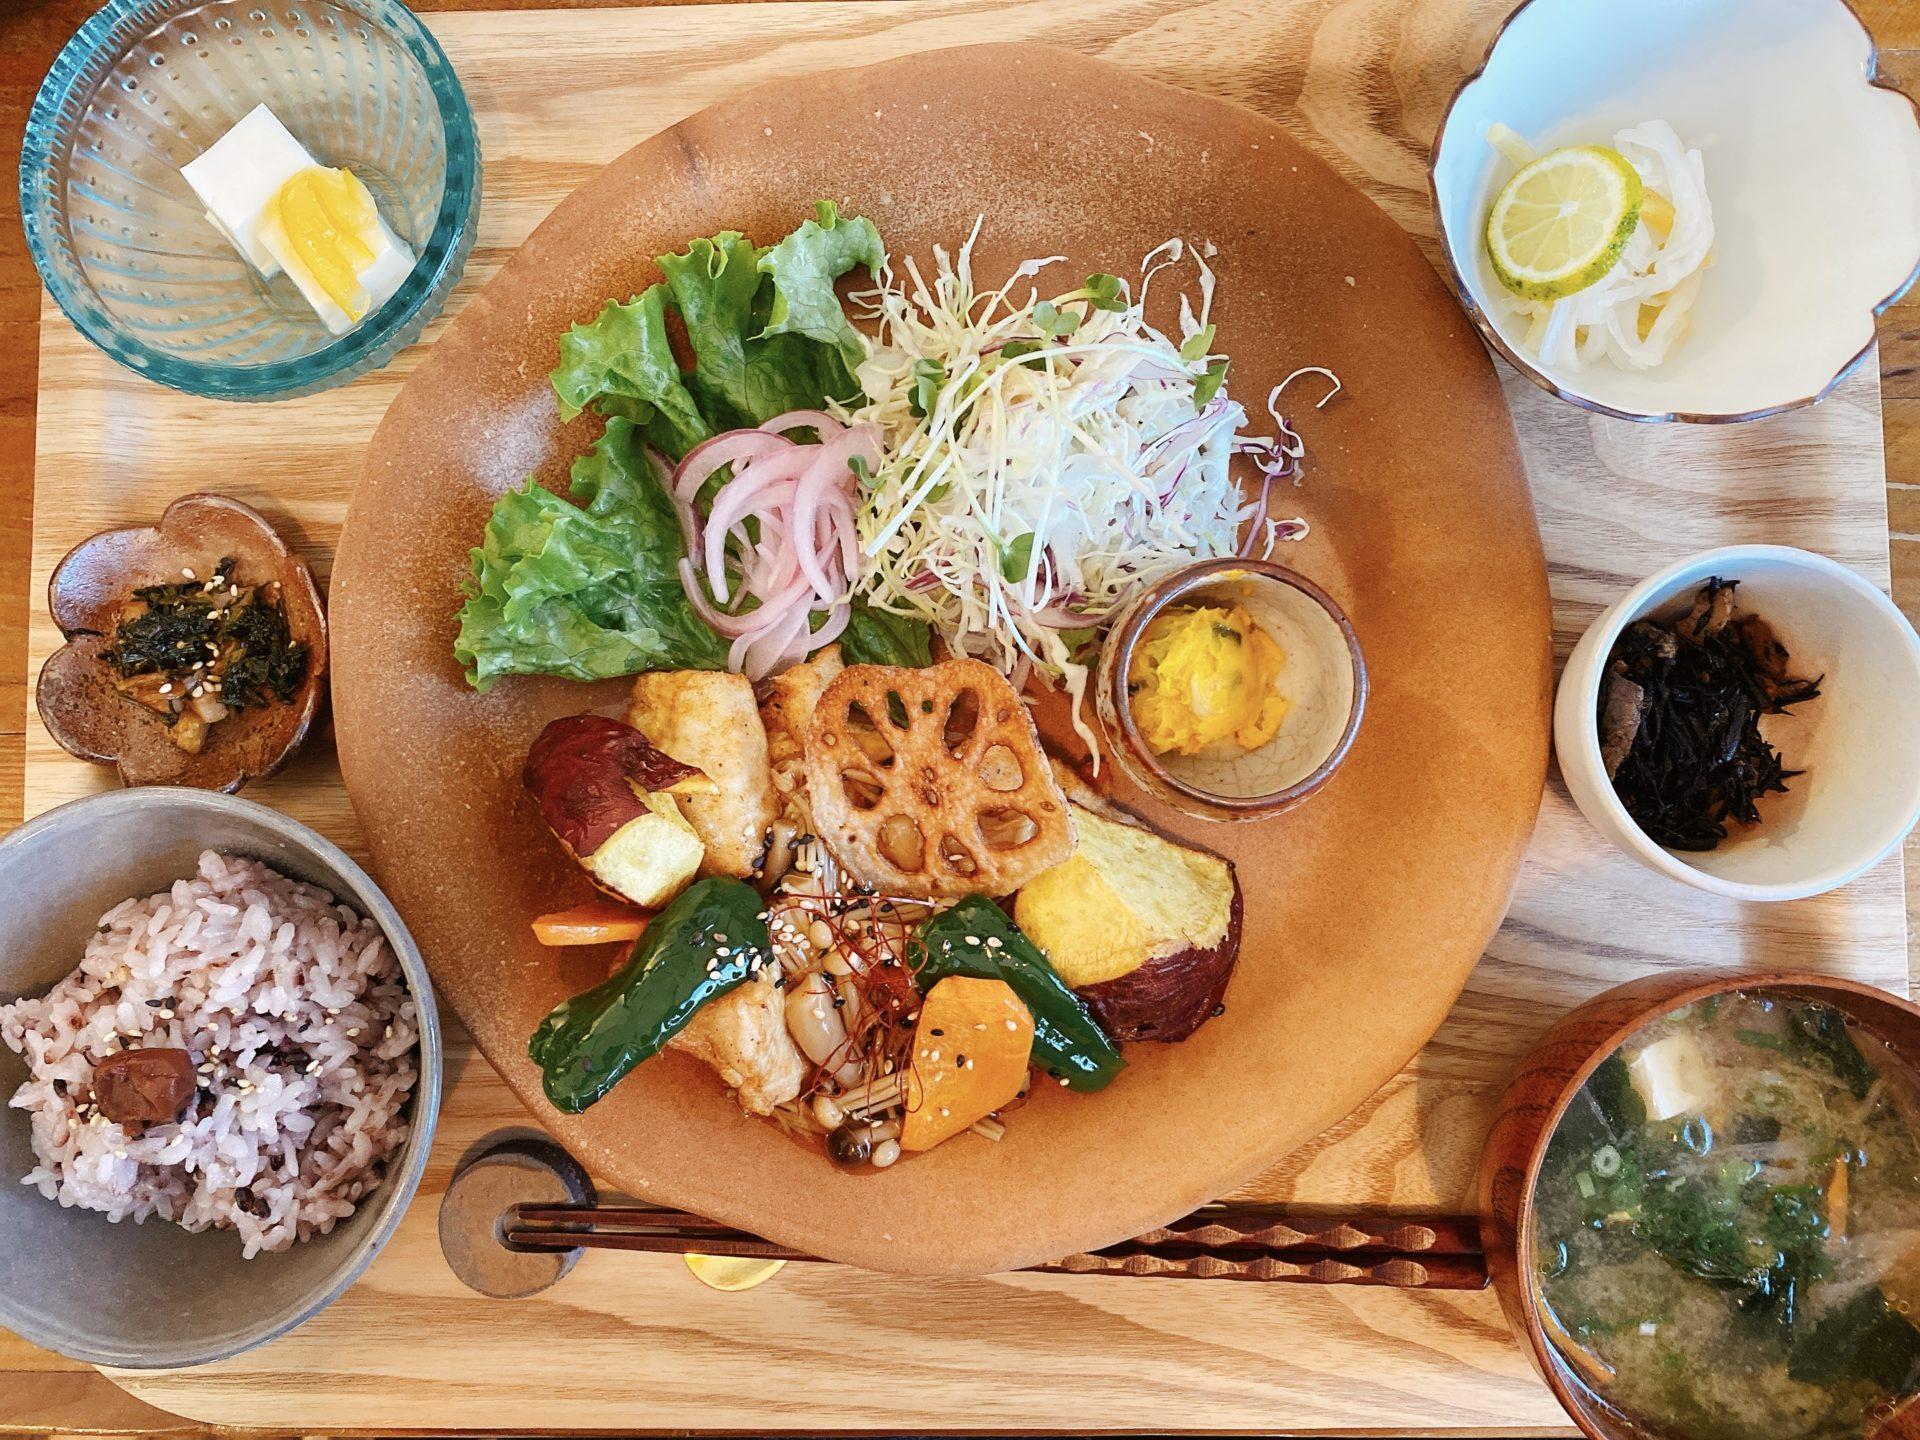 赤磐市桜ケ丘 【コトリトミ】で初ランチ!土日のみ営業の隠れ家のようなカフェは「今日のお昼ご飯」とスイーツが美味しくて大人気!